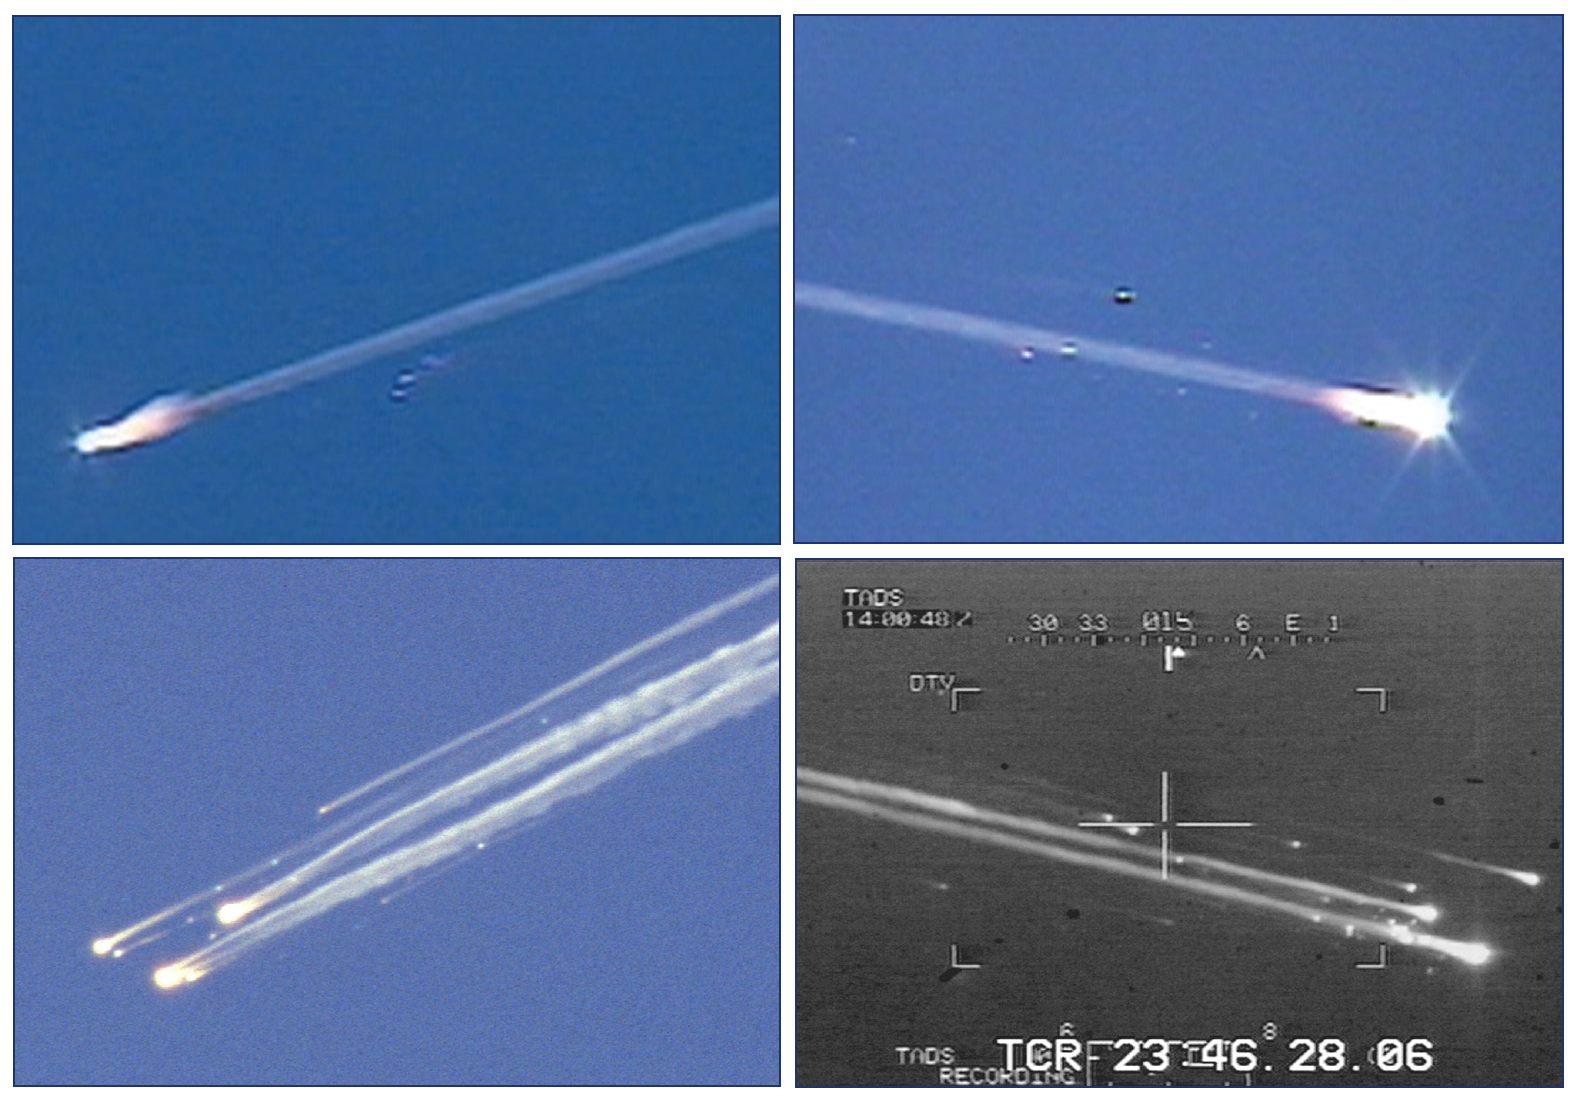 Columbia - Accident - Débris - Rentrée atmosphérique - Vidéos amateurs - désintégration - Apache AH64 - CAIB - NASA